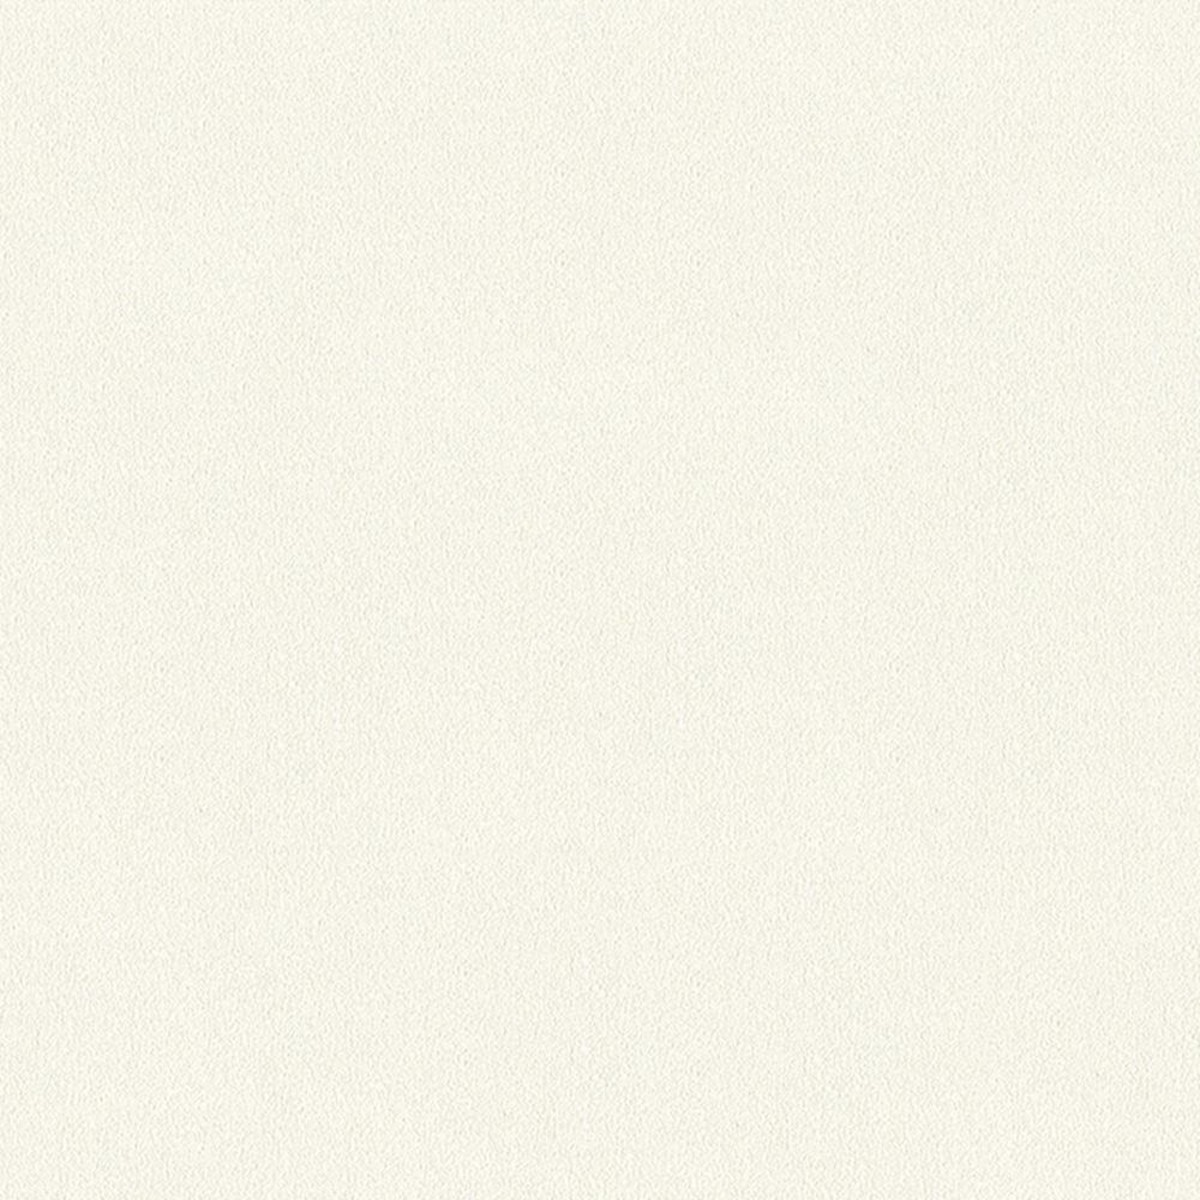 Обои виниловые Gaenari белые 1.06 м 87385-1